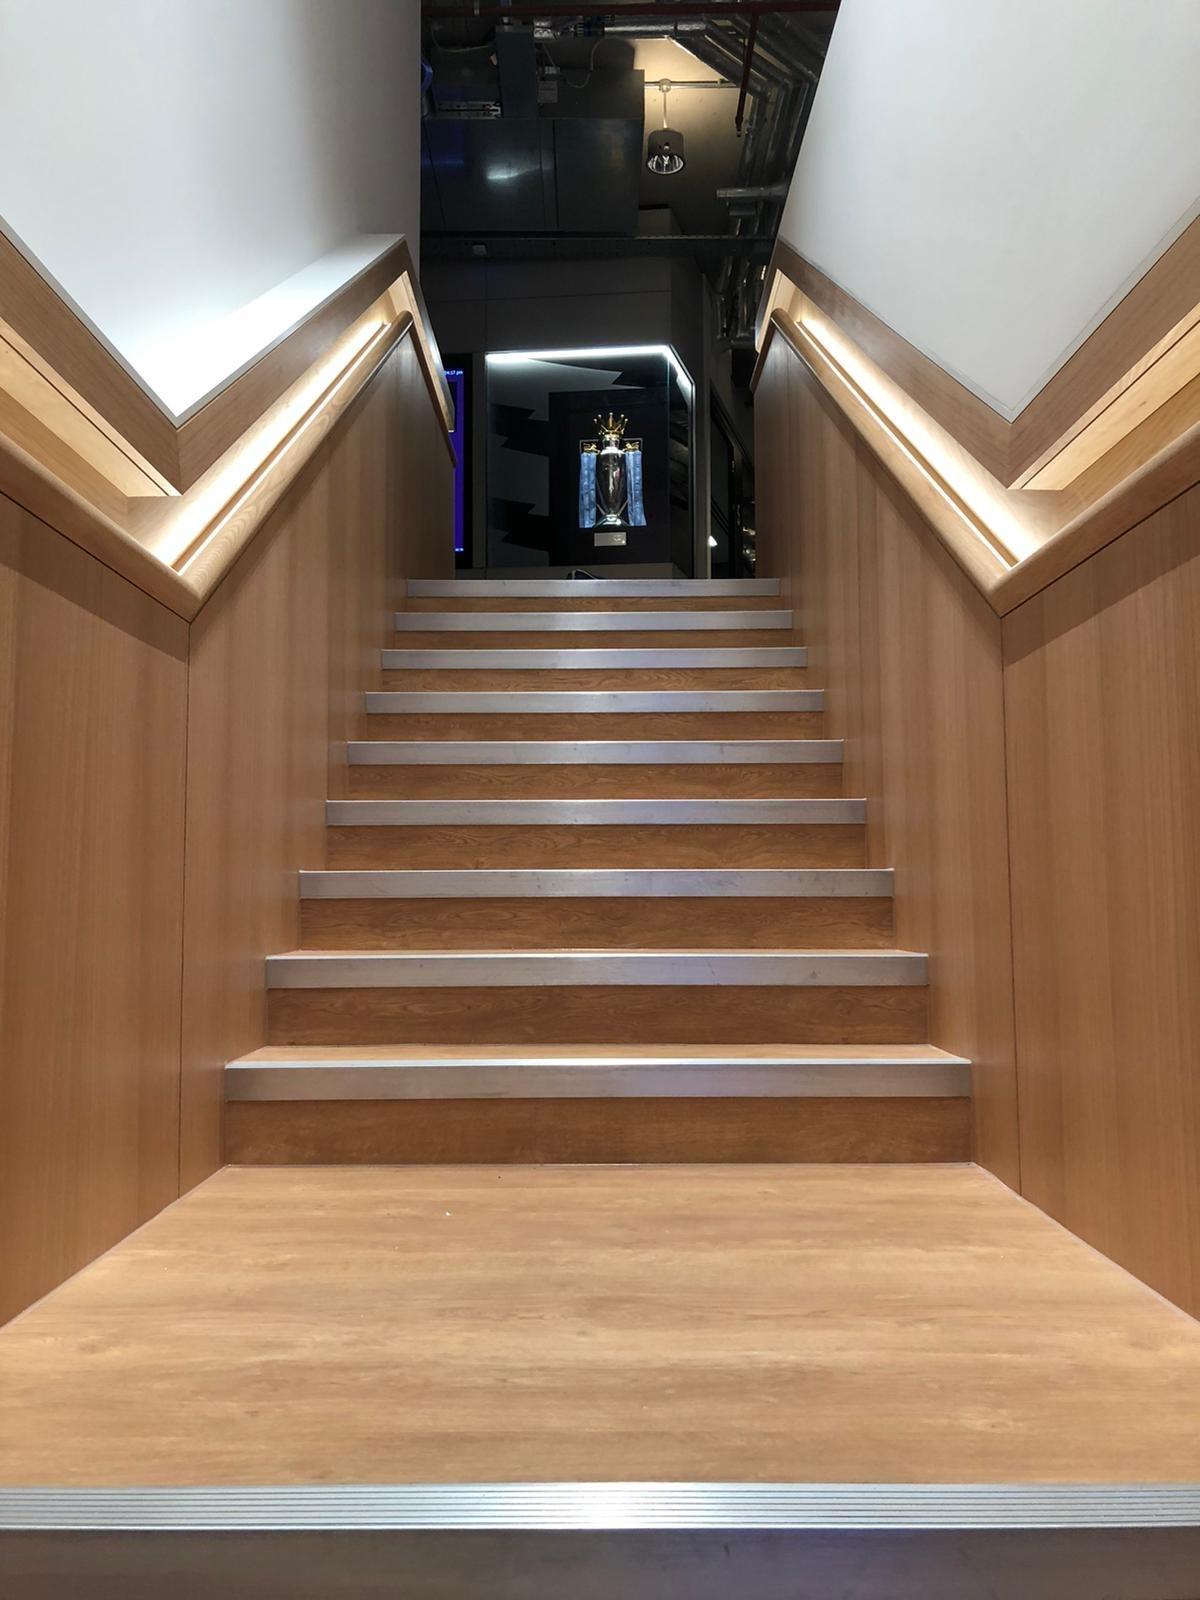 Premier League Stairway